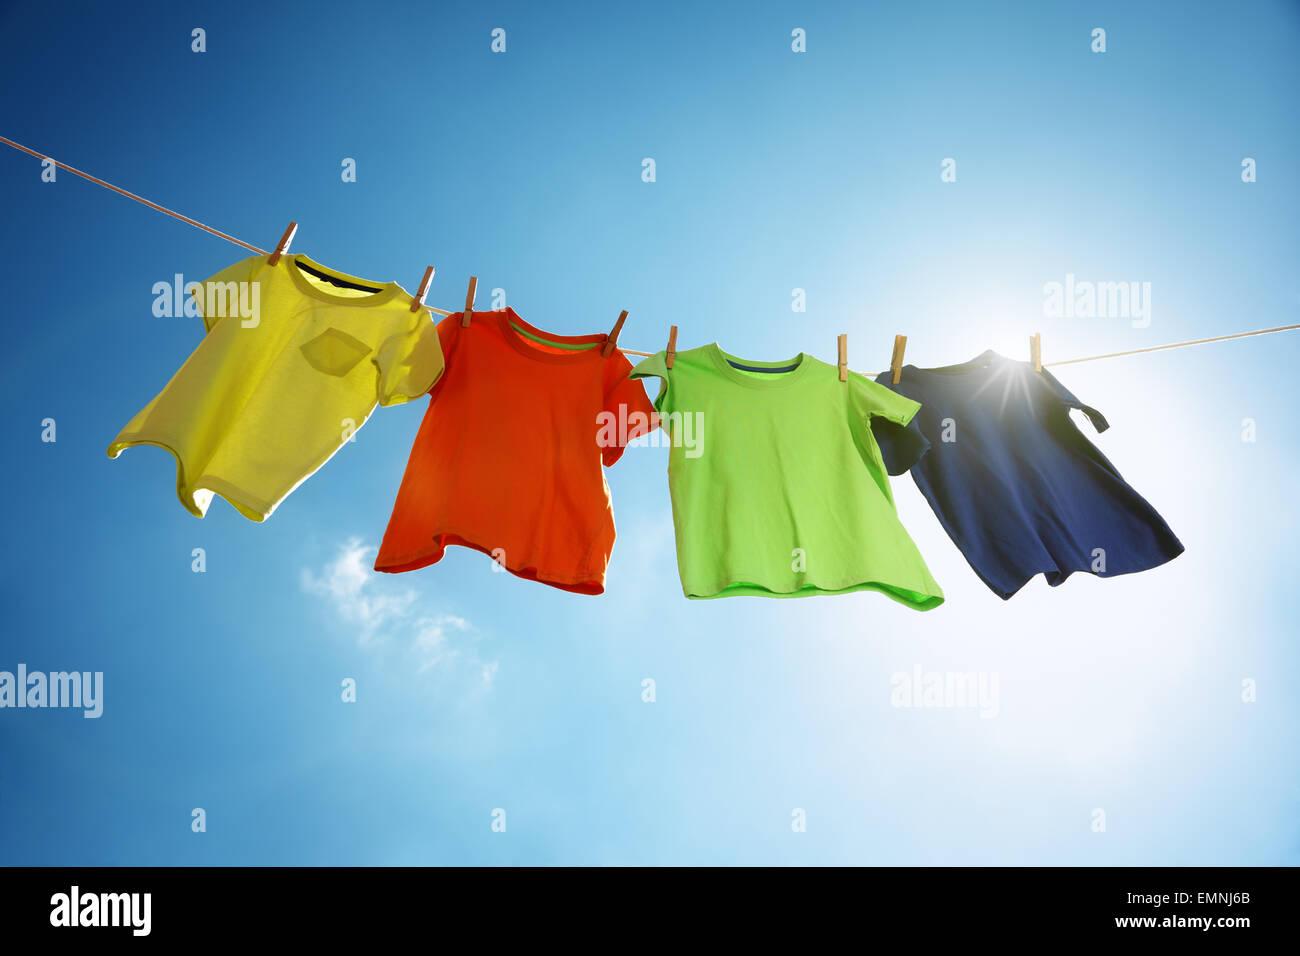 Wäscheleine und Wäsche Stockbild